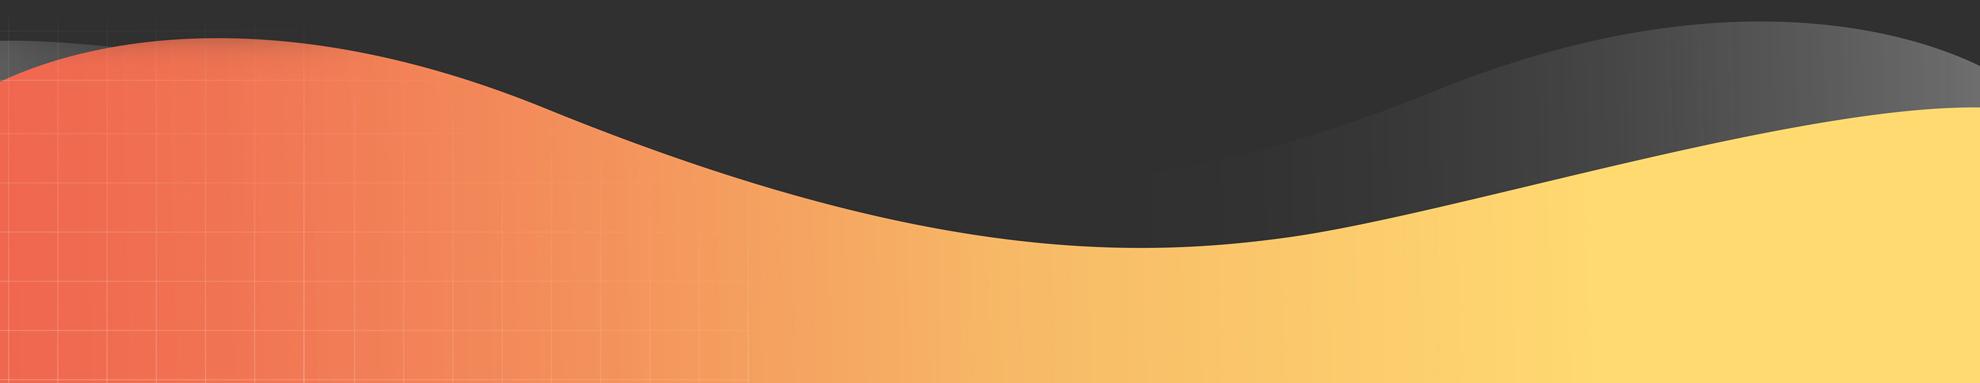 bottom-b-官方網頁設計,官方網站設計, 品牌網站設計, 網站設計, 網頁設計, 響應式網頁設計, 公司網站設計, 公司網站, 產品網站, LOGO設計, 設計LOGO, 設計品牌, 創意設計, 品牌設計, 商標設計, 平面設計, 視覺設計, 名片設計, 產品設計, 包裝設計, 網頁設計, 網站設計, CIS企業識別設計, CIS, LOGO, DESIGN, brochure, Flyerbottom-b_網站設計_網頁設計_響應式網頁設計_公司網站設計_公司網站_產品網站_LOGO設計_設計LOGO_設計品牌_創意設計_品牌設計_商標設計_平面設計_視覺設計_名片設計_產品設計_包裝設計_網頁設計_網站設計_CIS企業識別設計_CIS_LOGO_DESIGN_brochure_Flyer